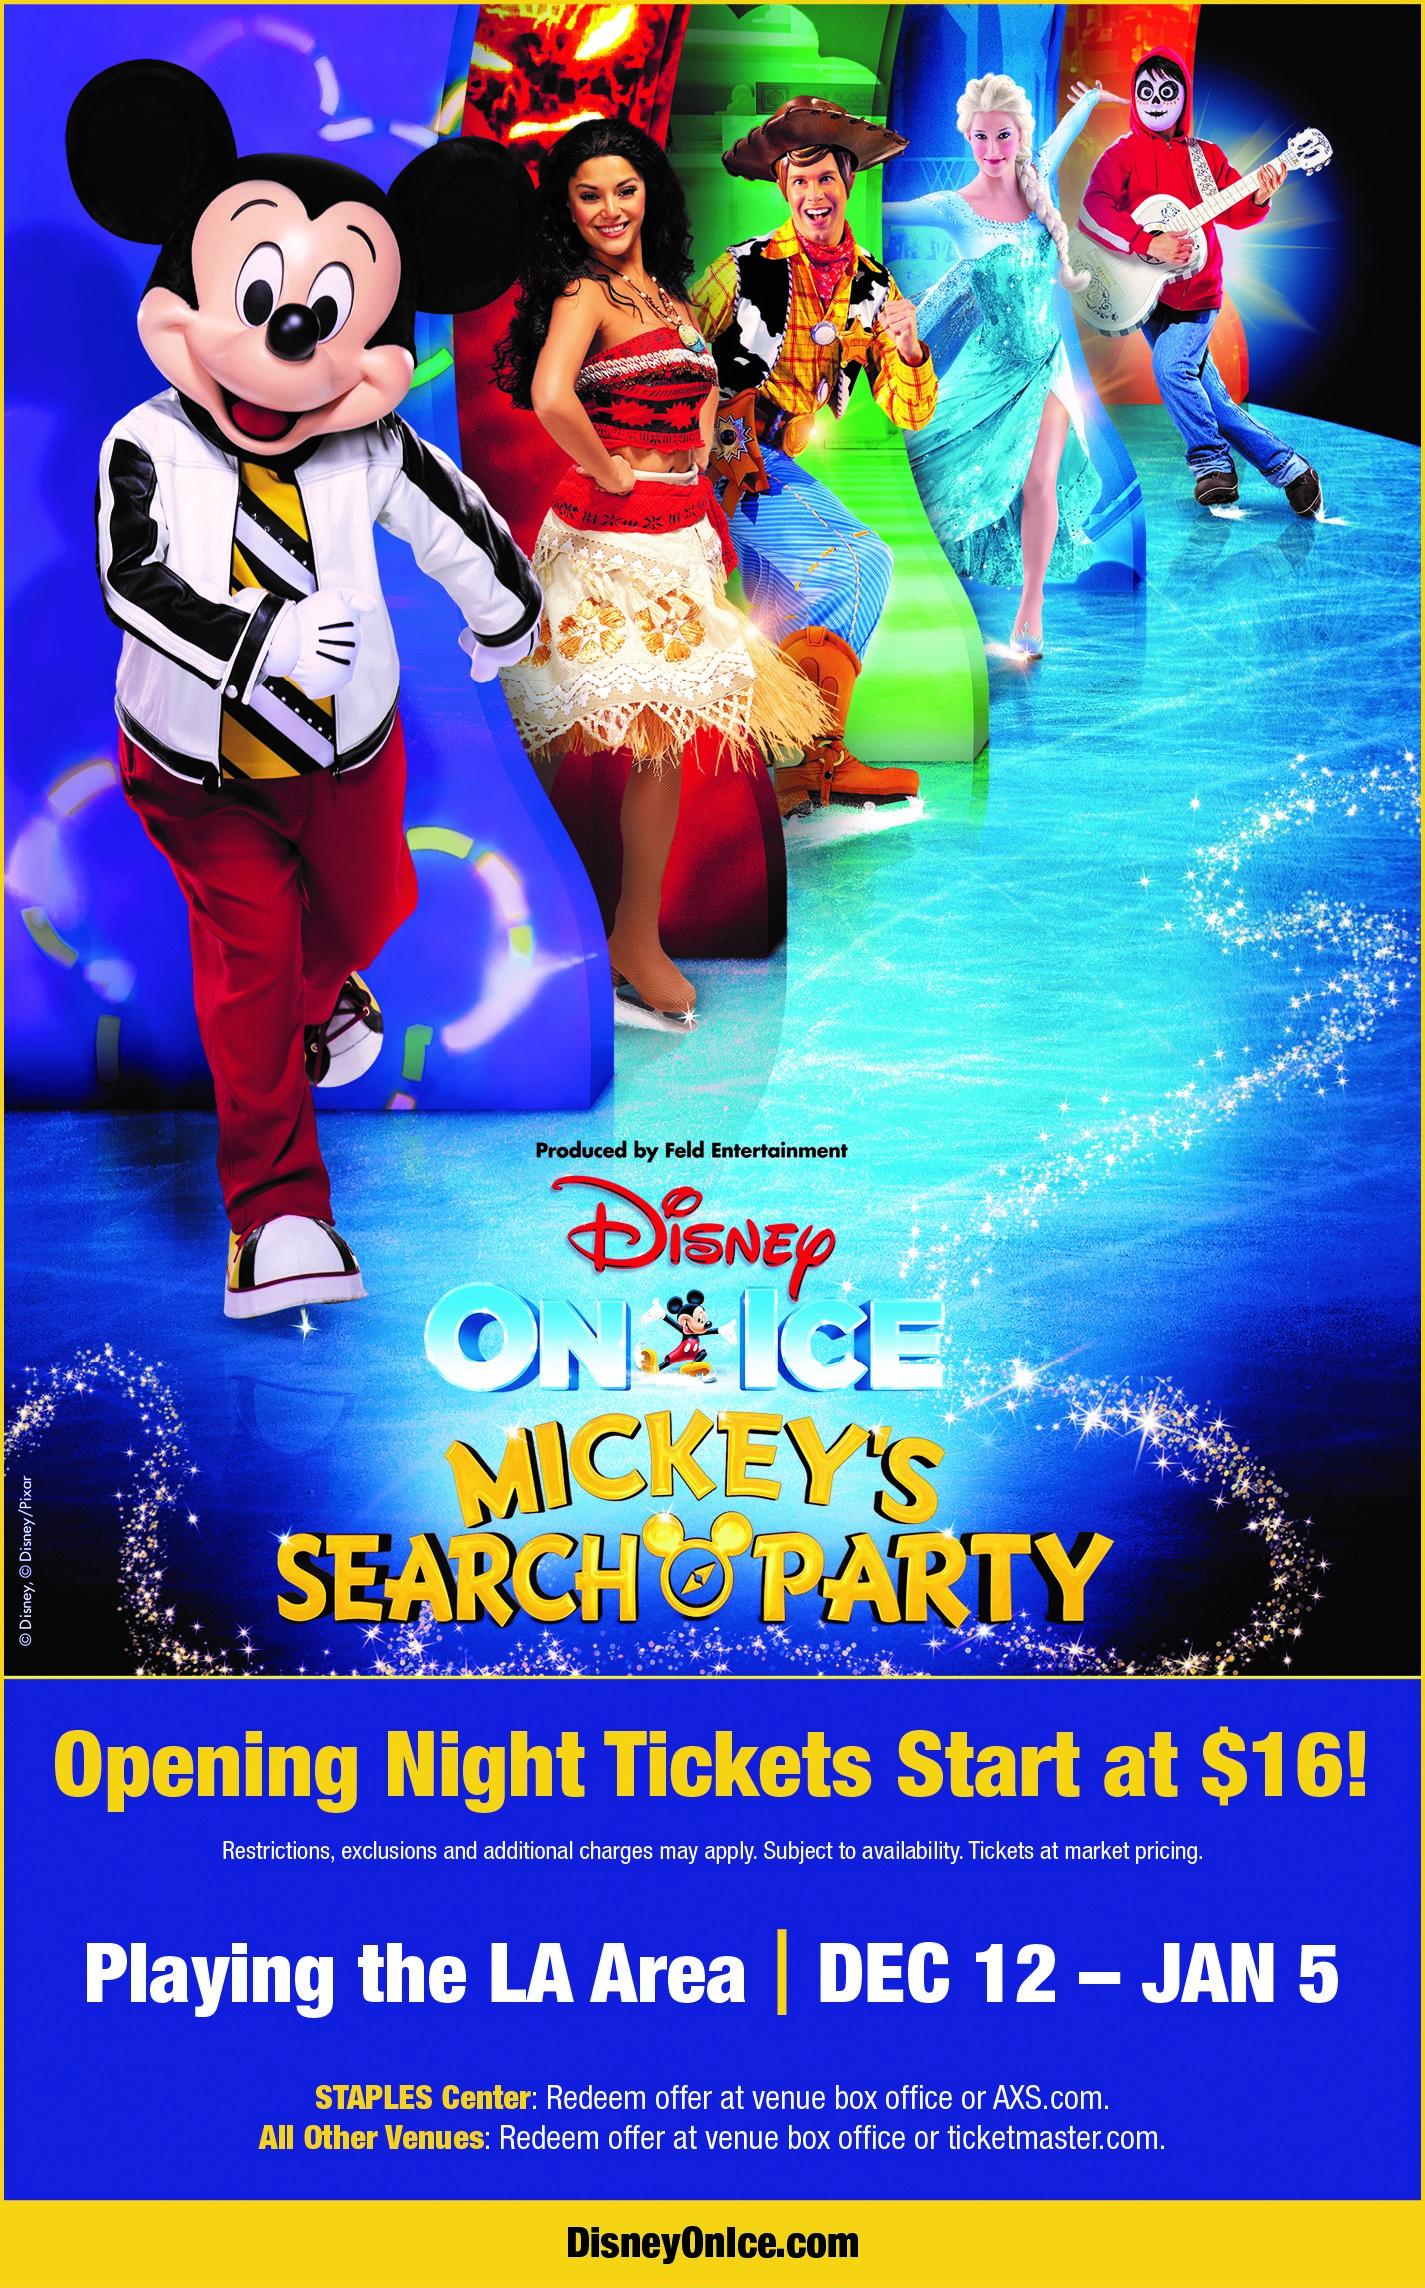 ¡Disney On Ice presenta Mickey's Search Party llegará a SoCal para acercar la magia a los fanáticos más que nunca!